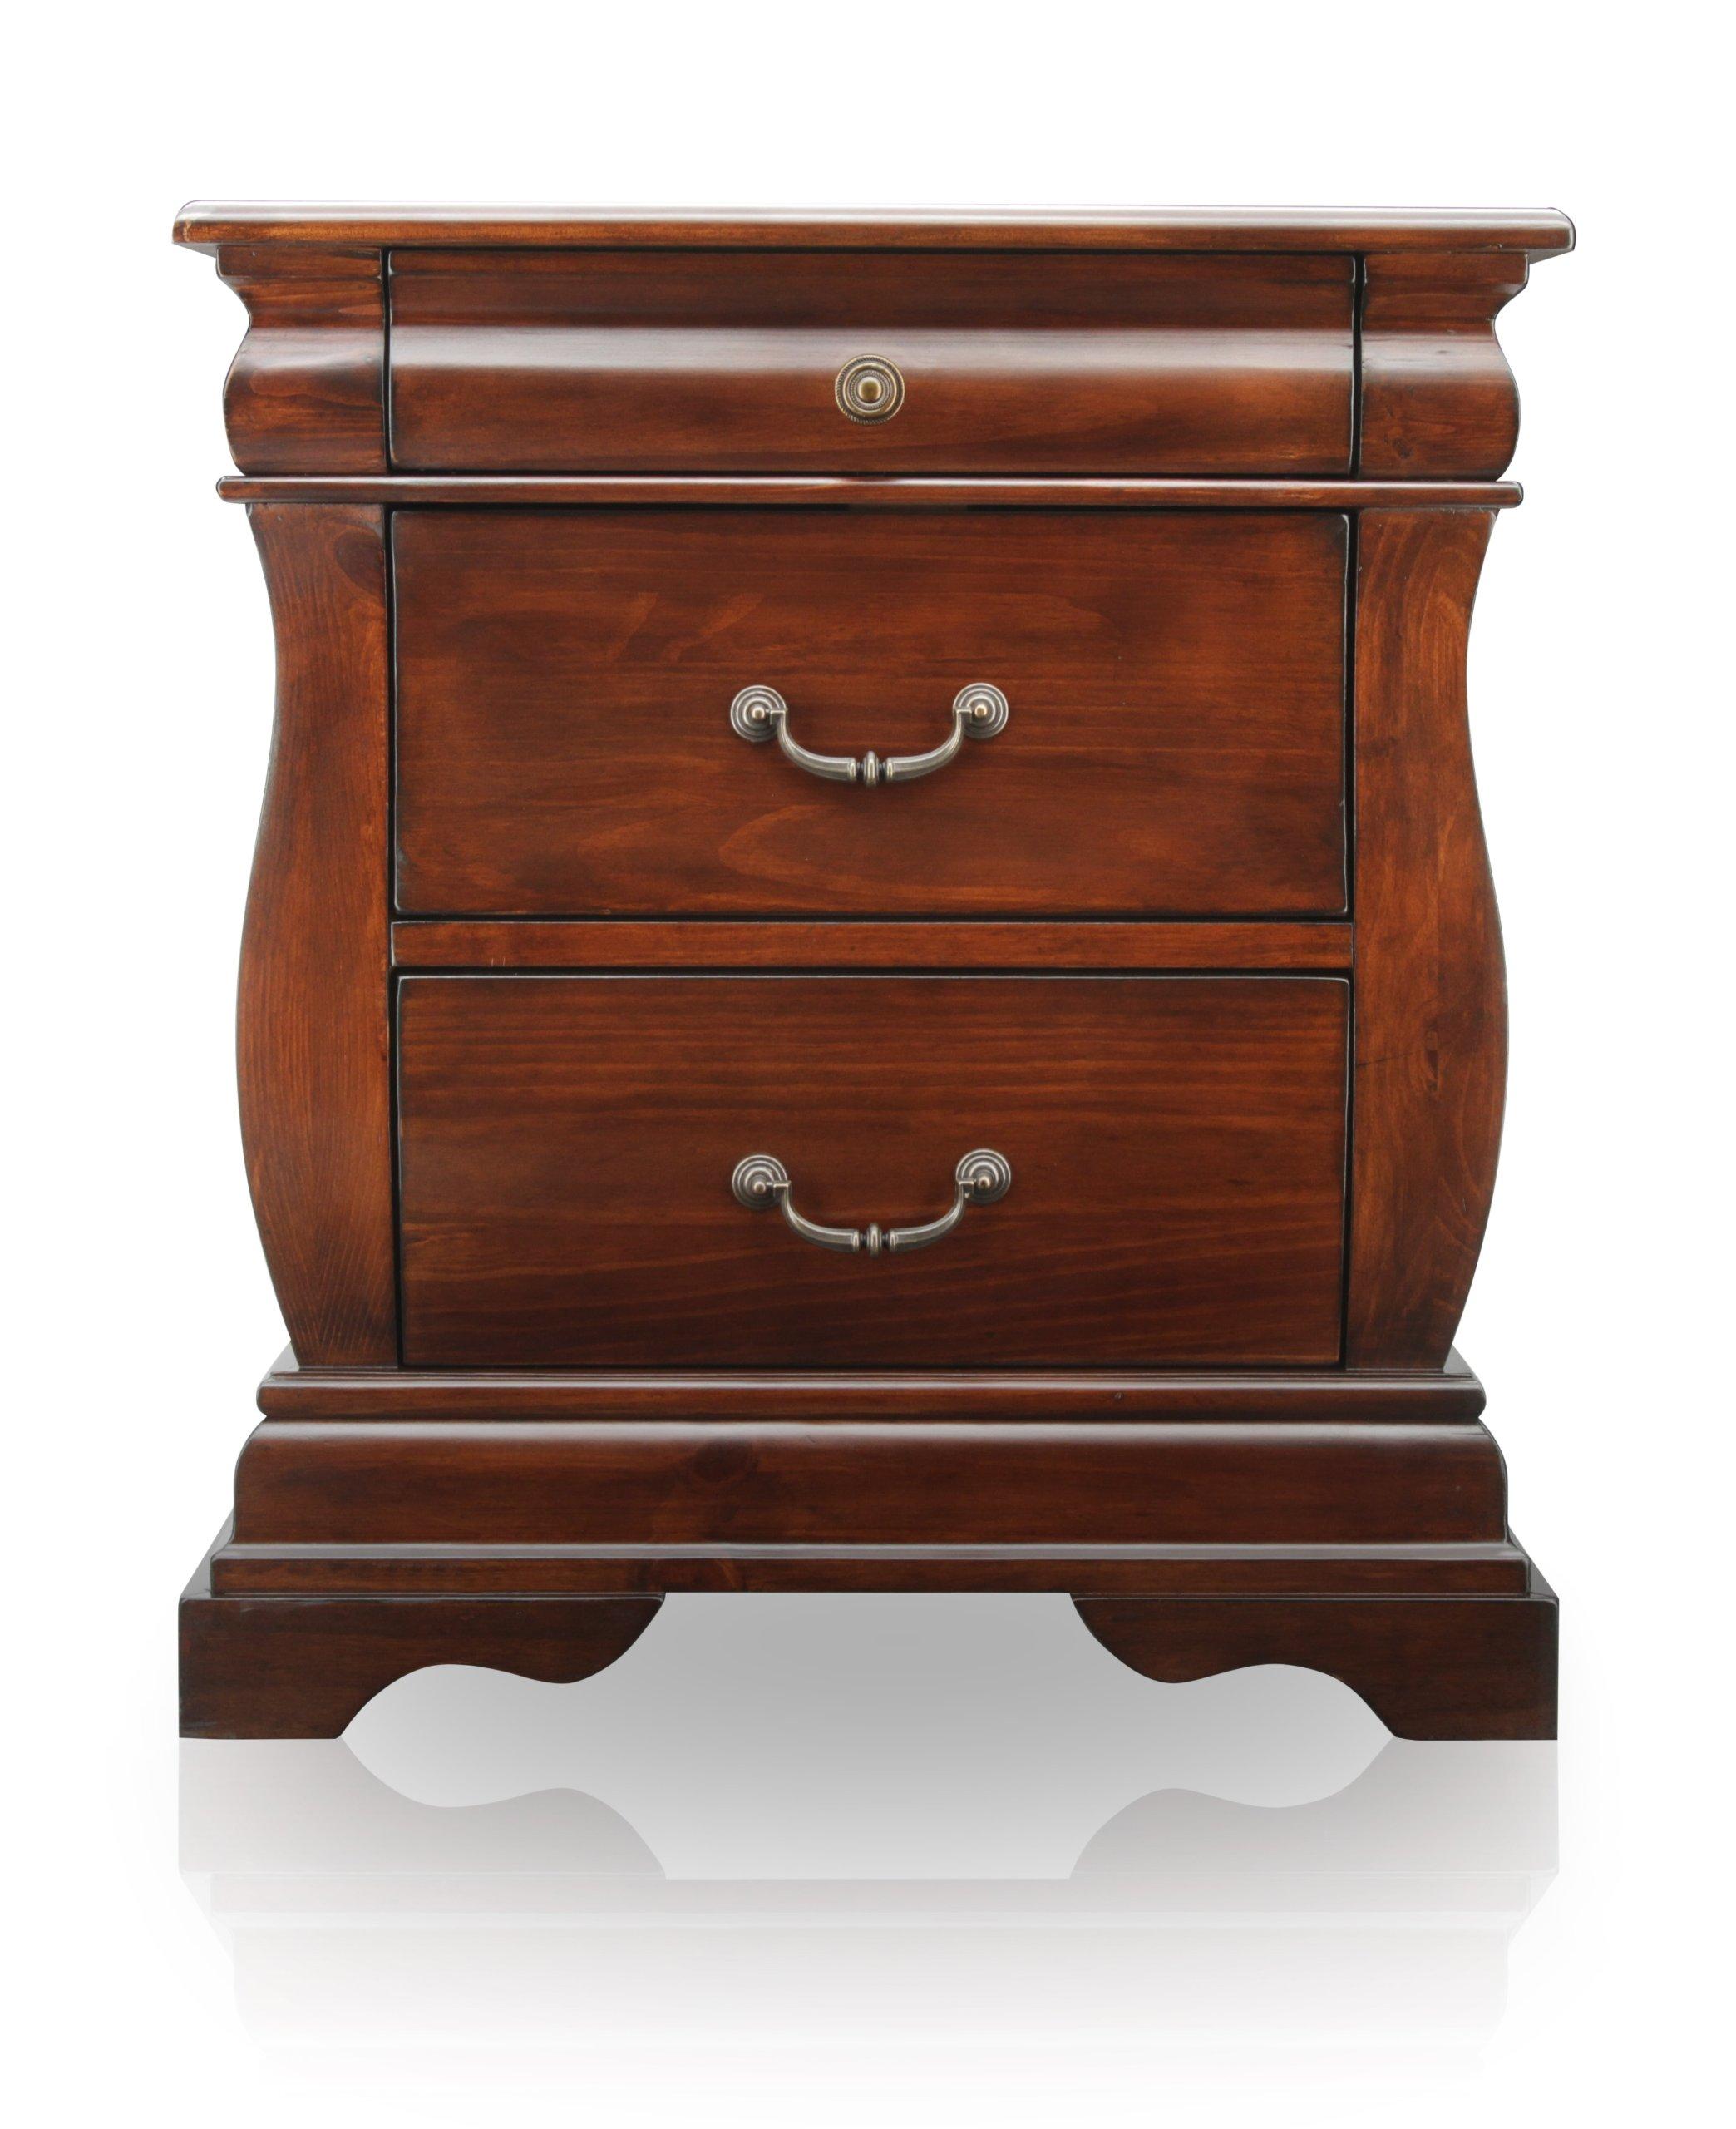 Furniture of America Hendrike Curvy 3-Drawer Nightstand, Dark Walnut Finish